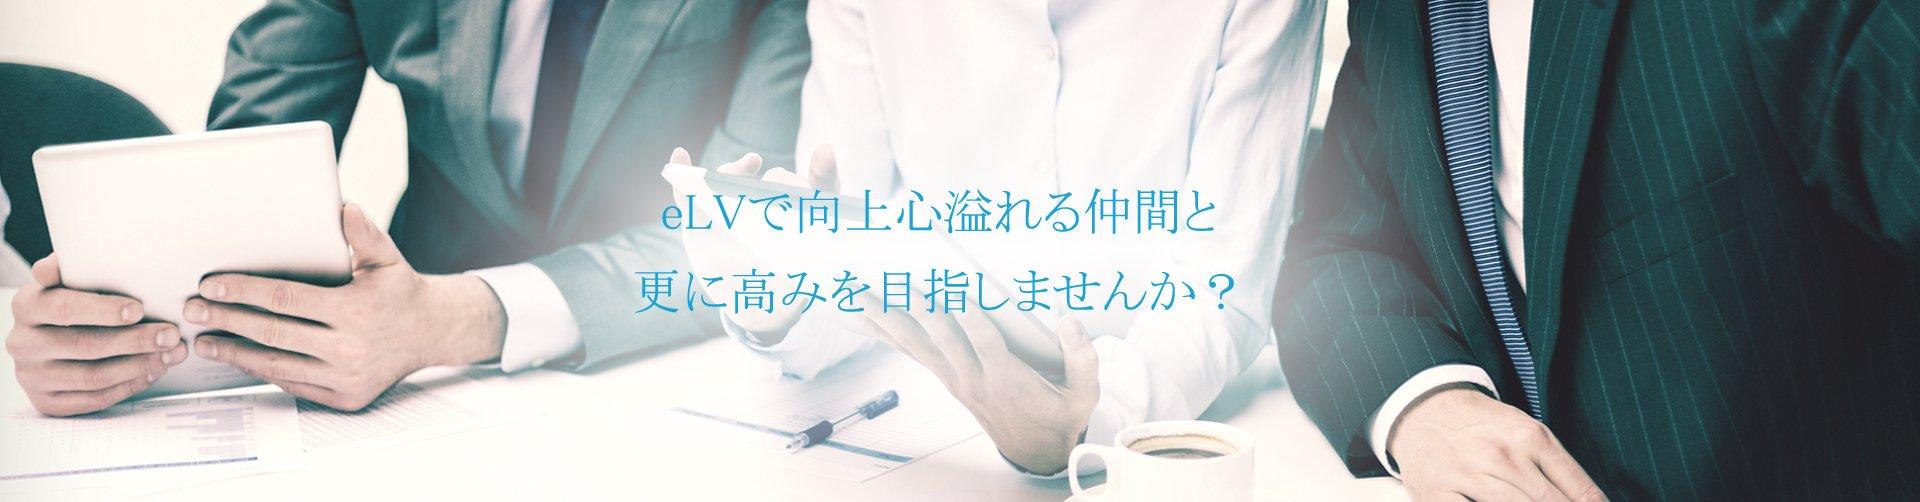 elv_top.jpg